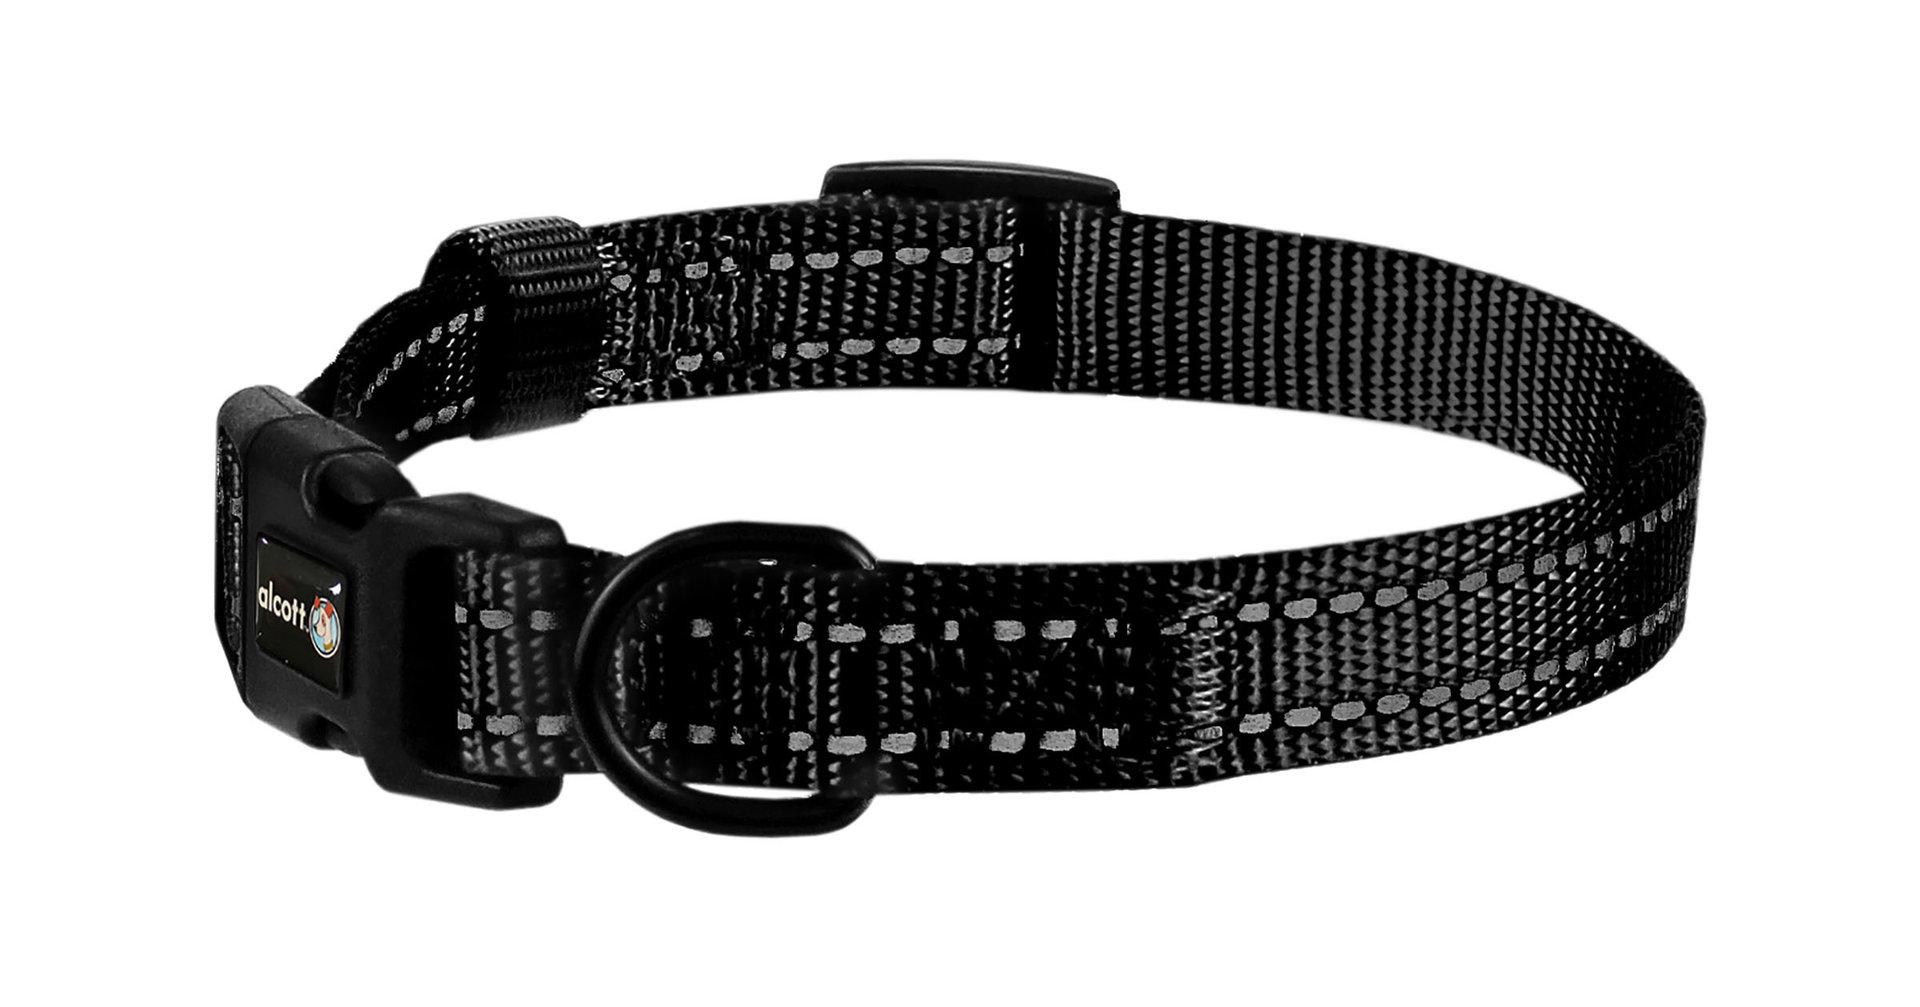 Wanderer Halsband, schwarz, S - L